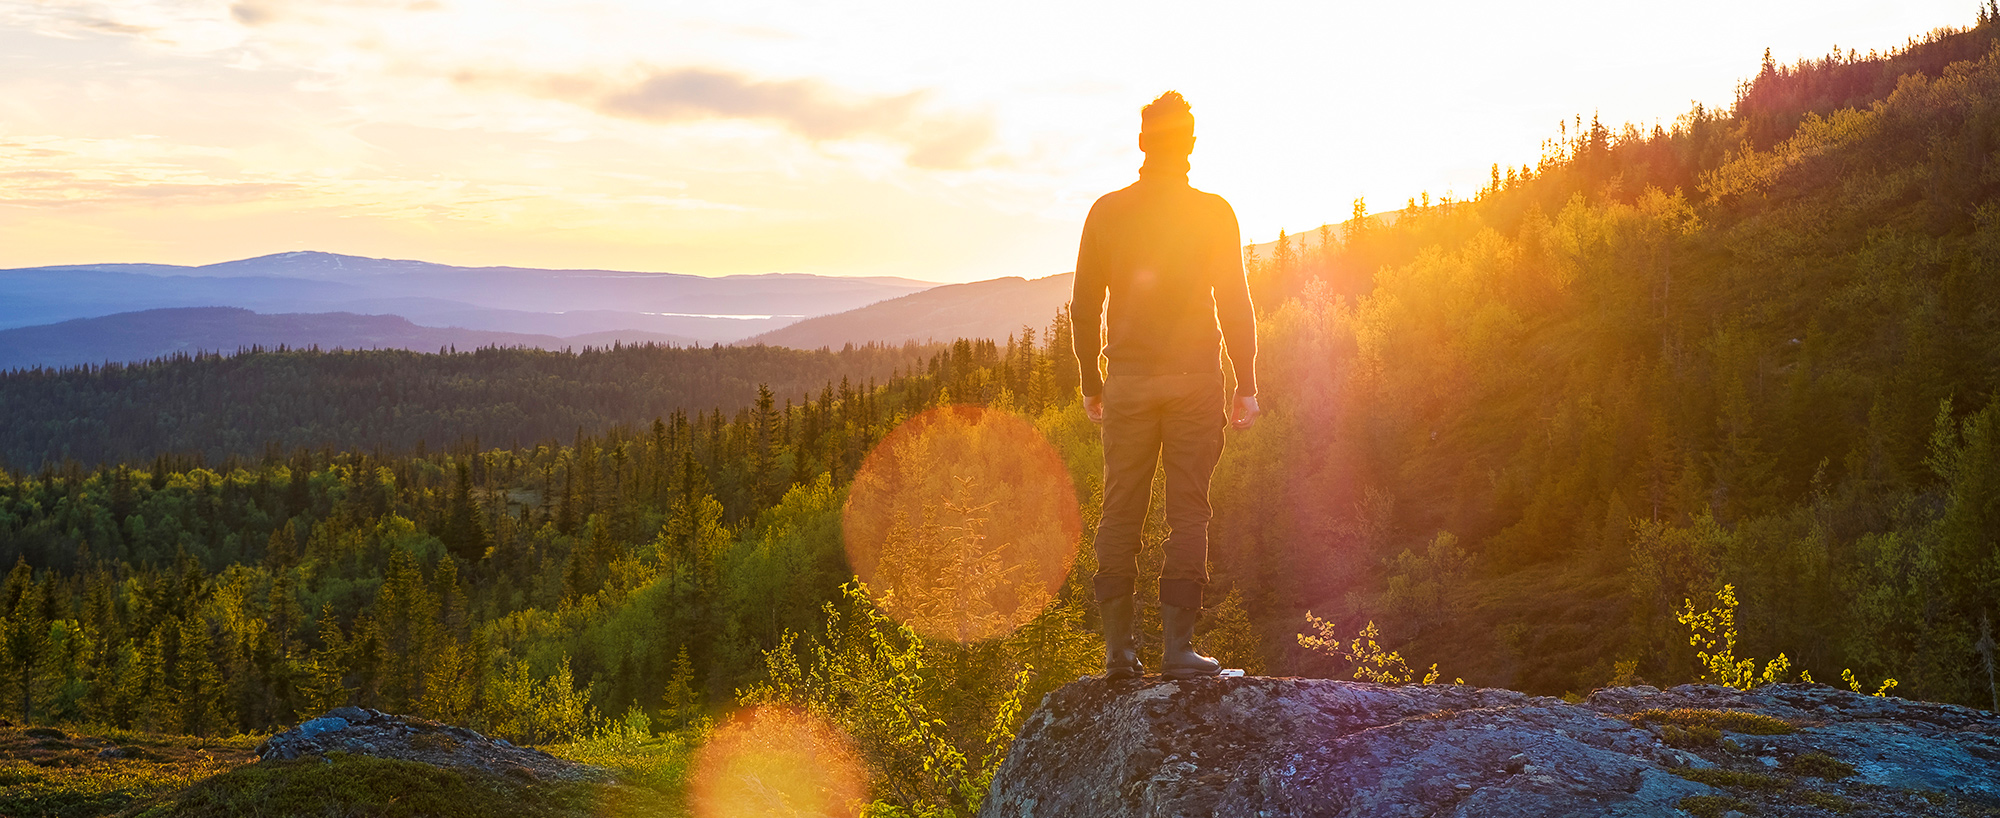 En Fjällvandring För Att Uppleva Gryningsljuset är En Fjällupplevelse I Världsklass I Södra Årefjällen.